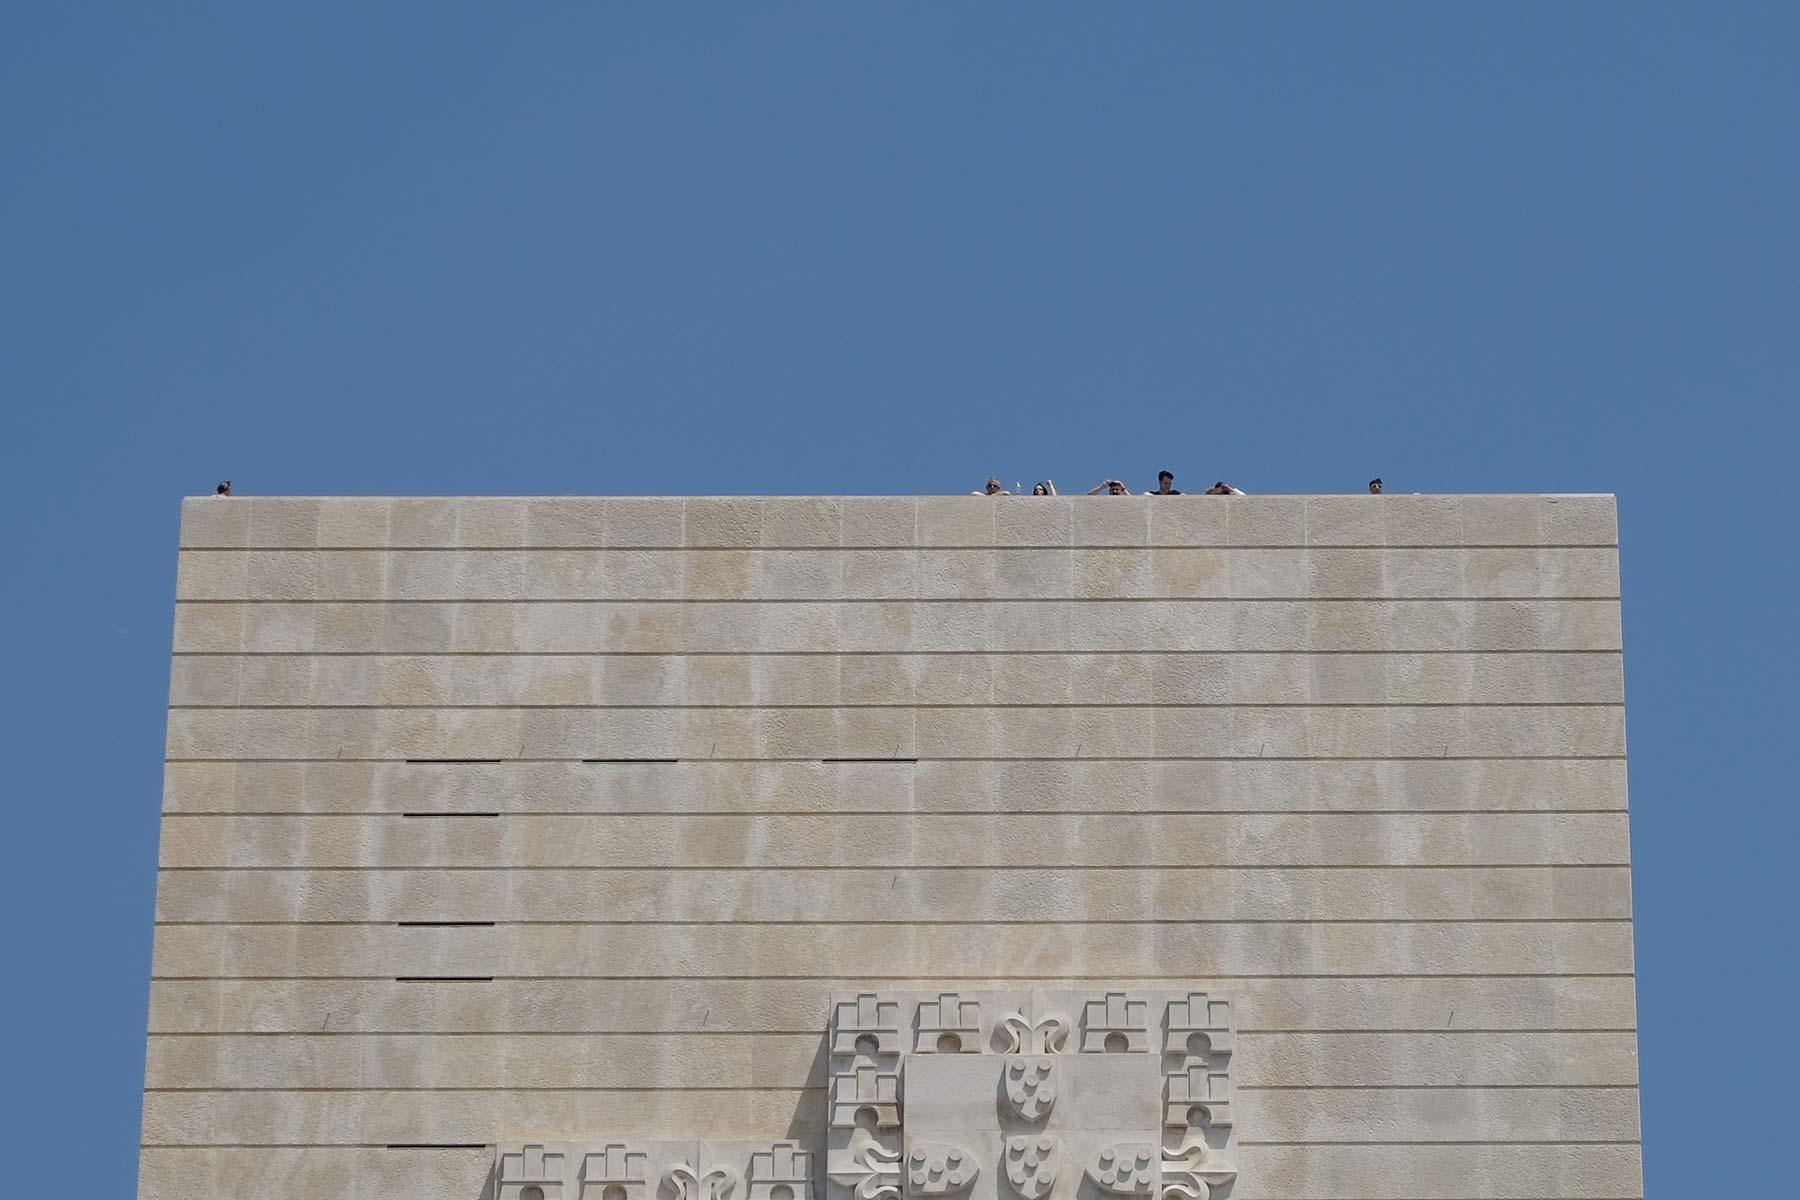 Padrão dos Descobrimentos in Lissabon, Portugal